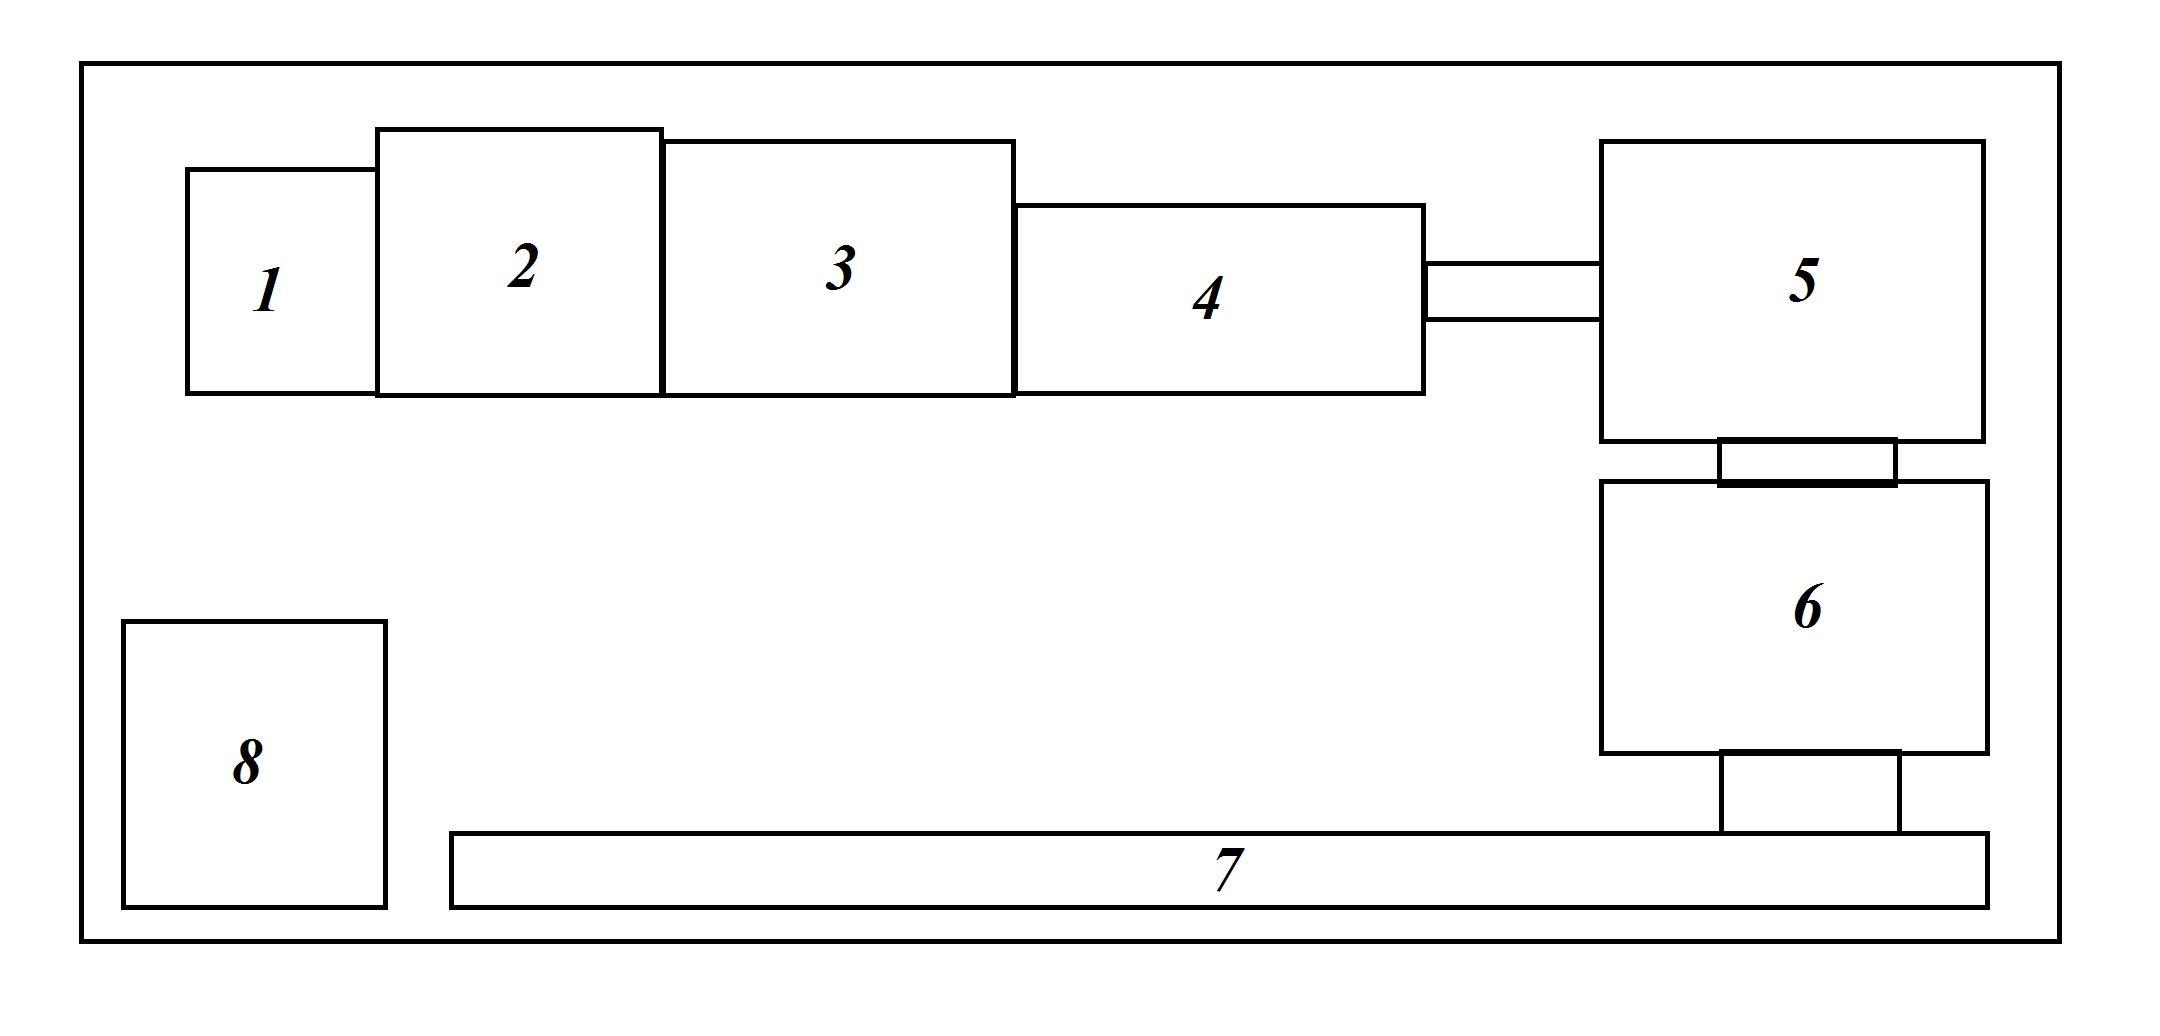 схема освещения конденсаторная